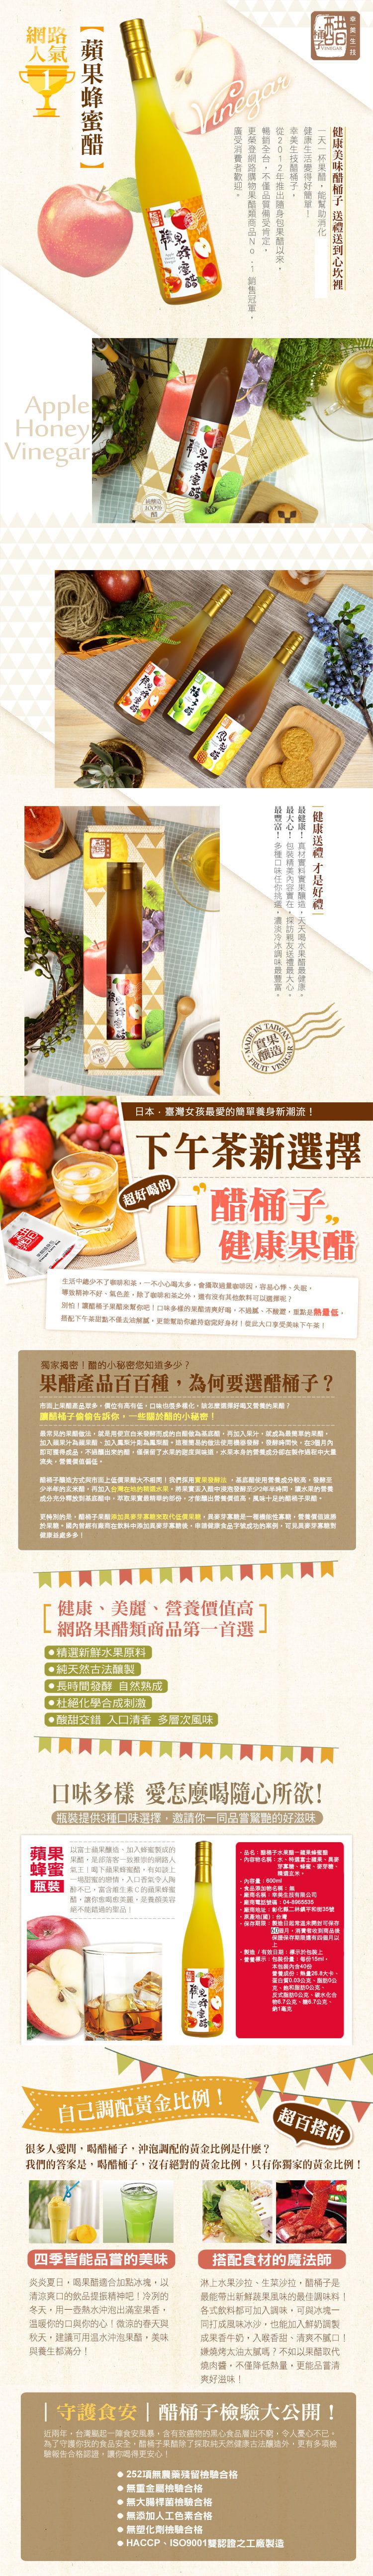 【醋桶子】實果釀造水果醋禮盒 1